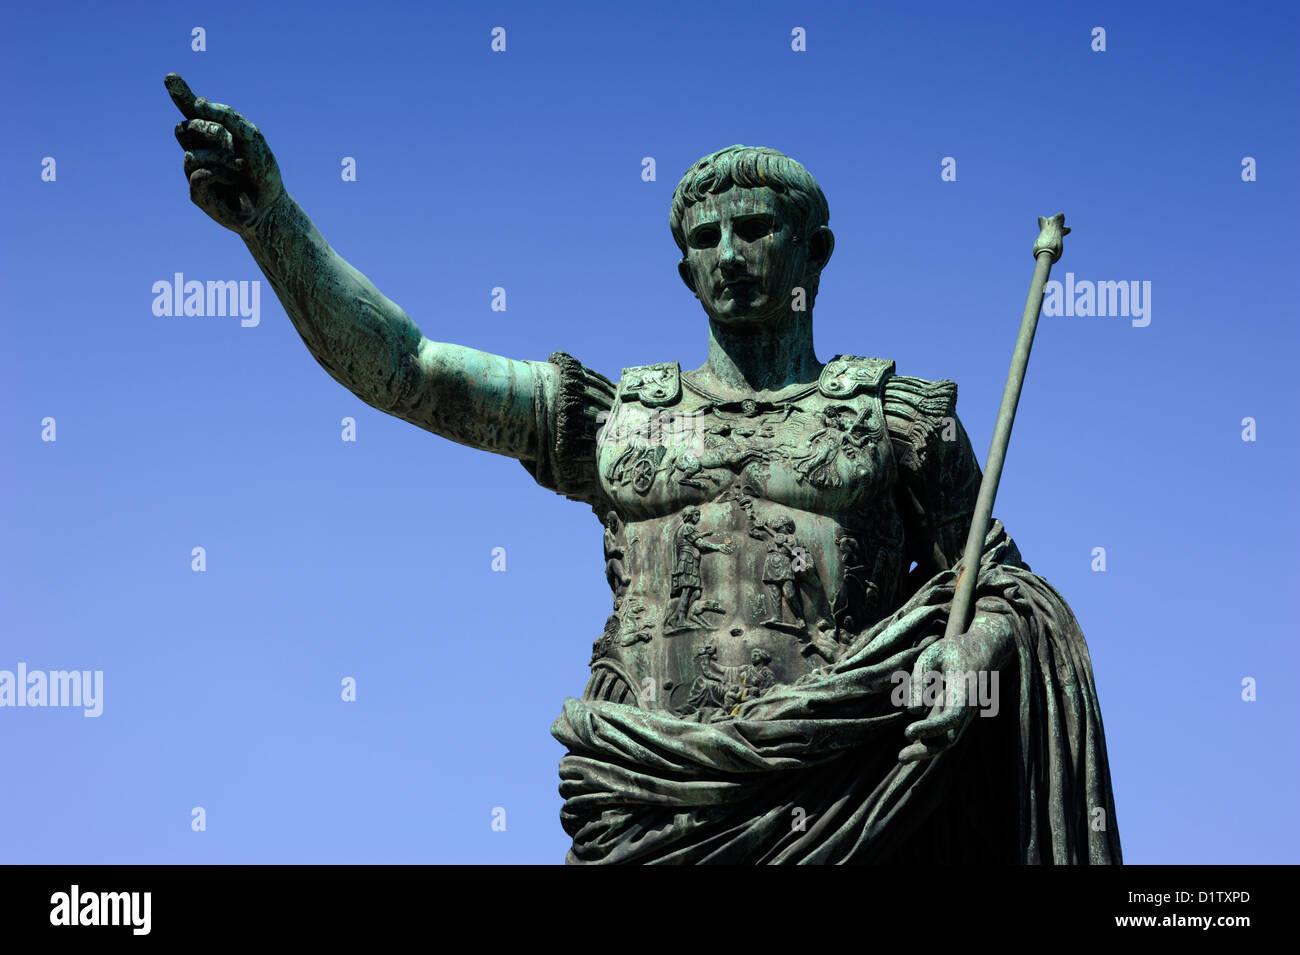 italy, rome, statue of roman emperor julius caesar augustus - Stock Image